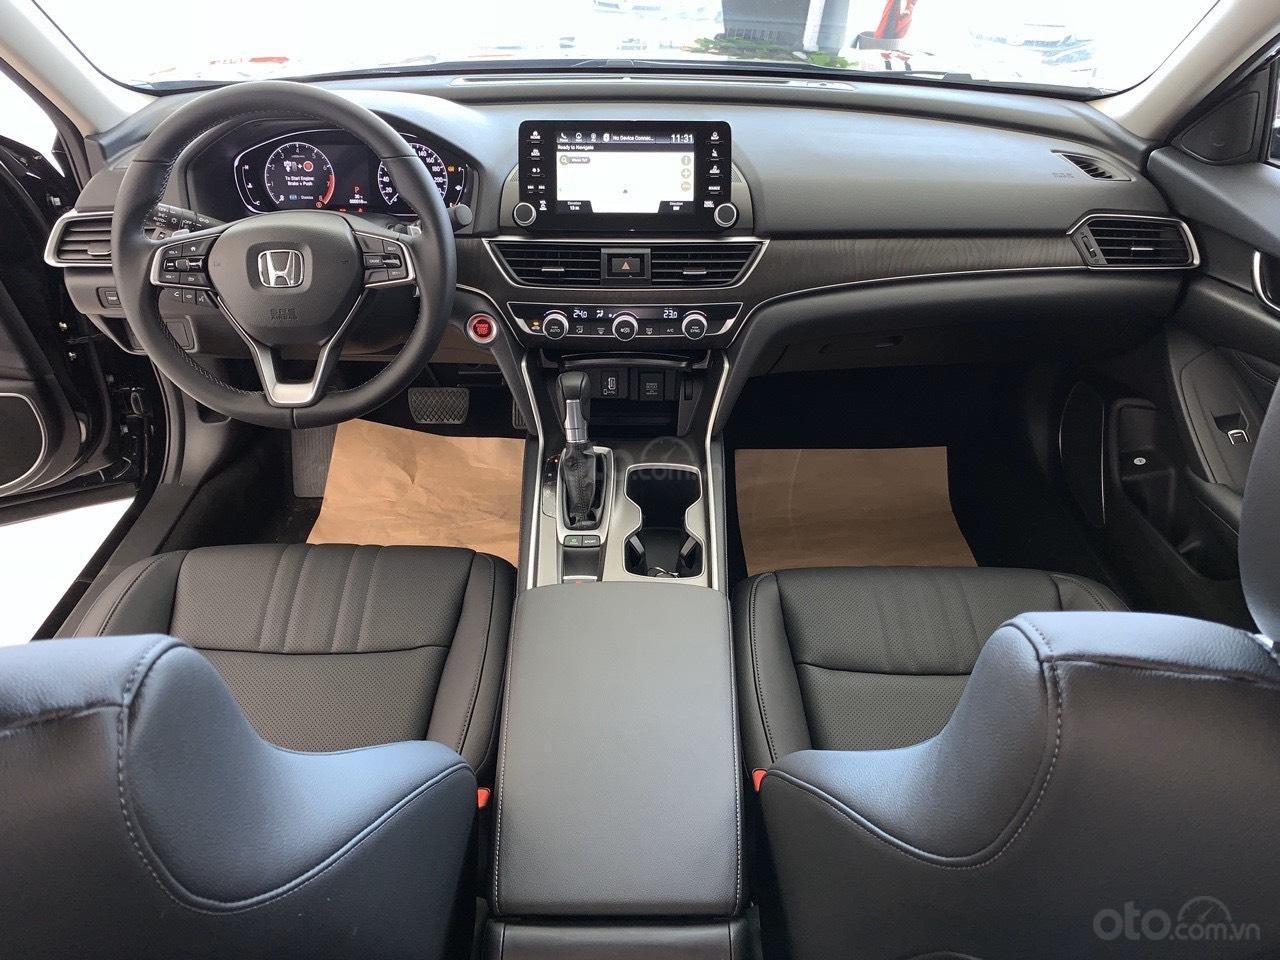 [Đại lý chính hãng - Honda ô tô Khánh Hòa] Honda Accord 2020 (Mới 100%), ưu đãi và quà tặng hấp dẫn (10)